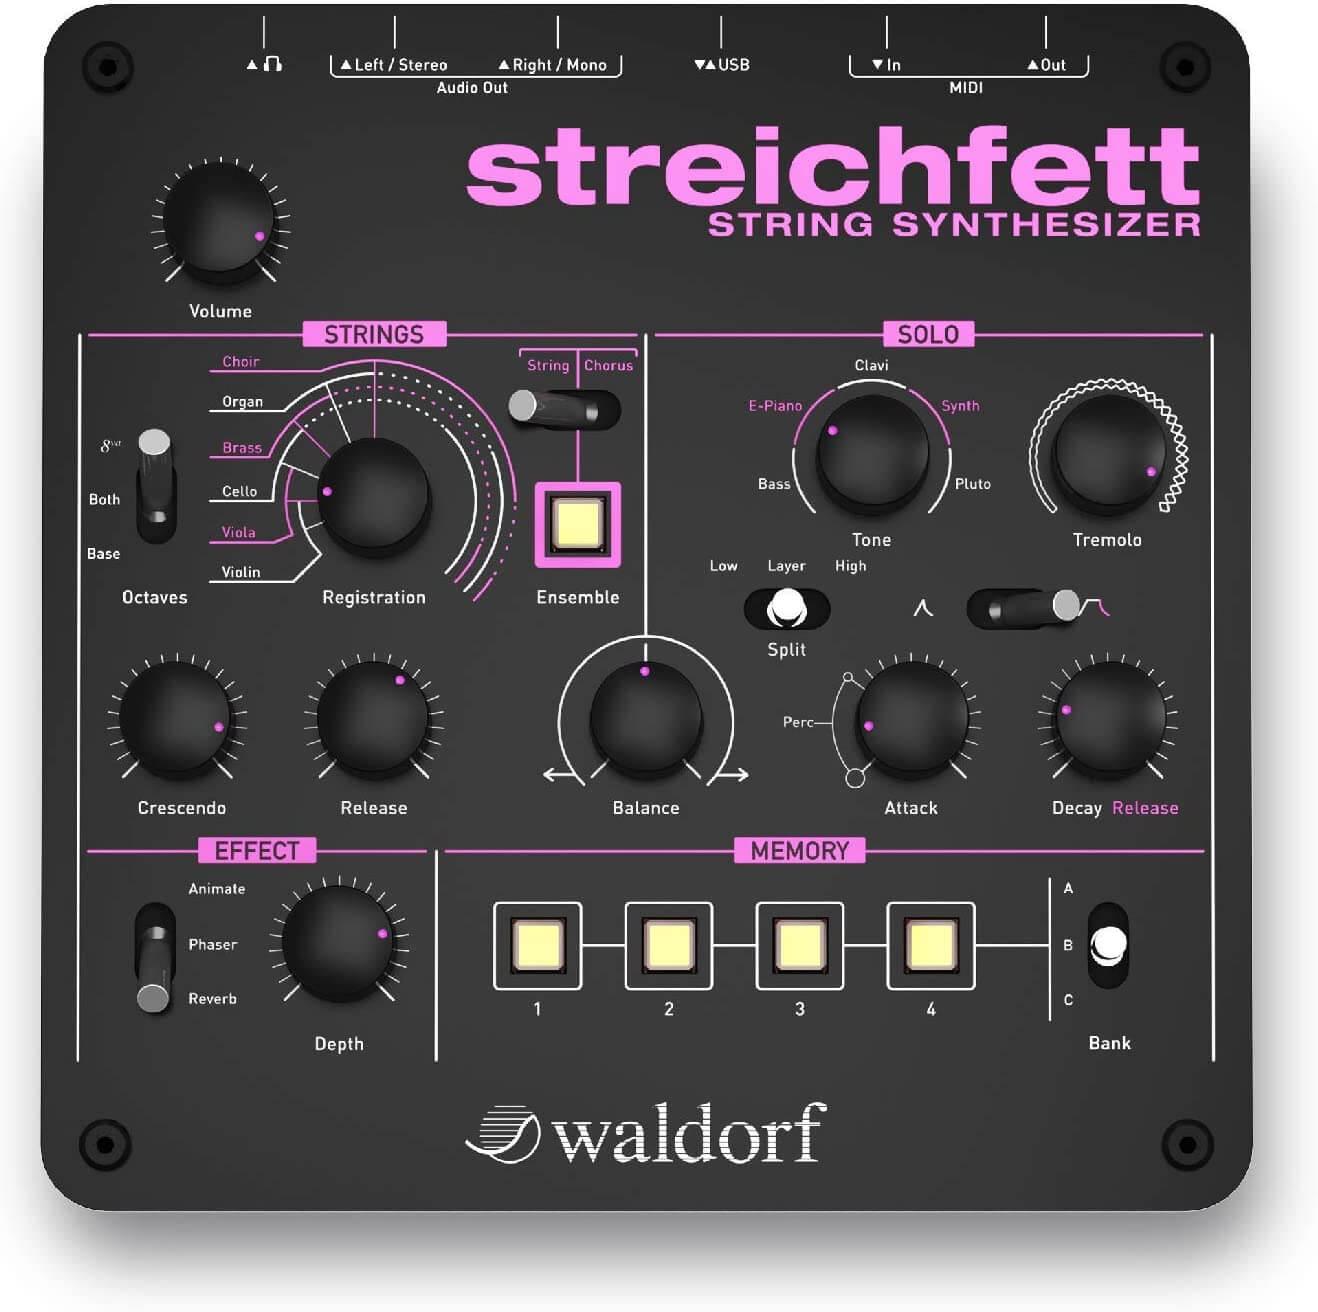 sintetizzatore Waldorf Streichfett